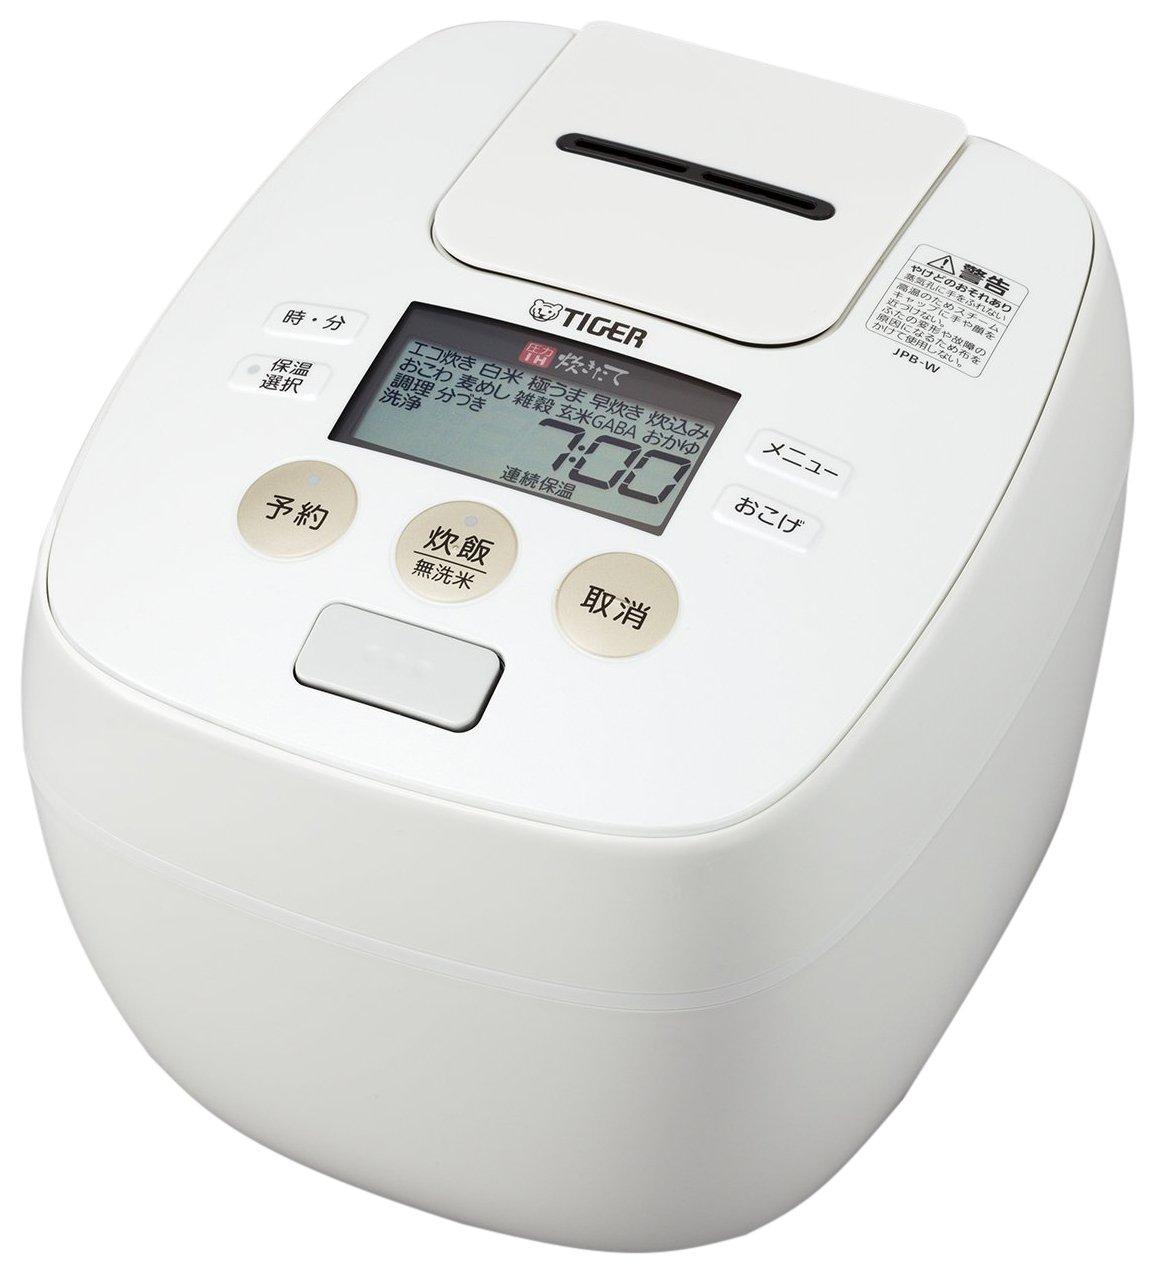 タイガー 炊飯器 5.5合 圧力 IH ホワイト 炊きたて 炊飯 ジャー JPB-W100-W Tiger   B016BH5UDM